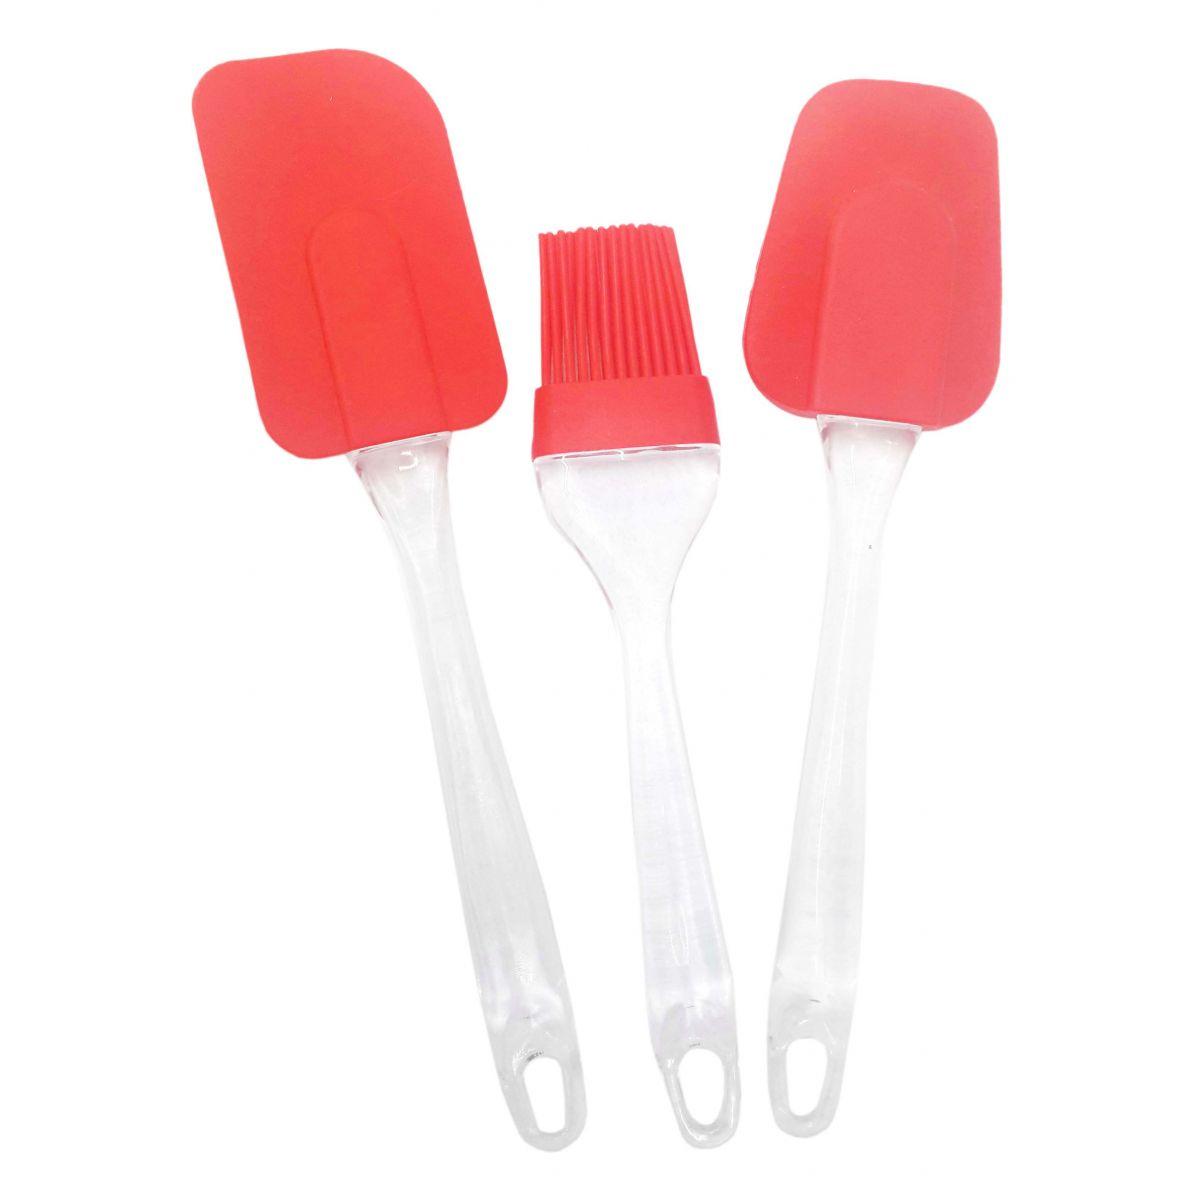 Conjunto Silicone Utensilios Cozinha Espatula Colher e Pincel Vermelho (kit1-sili-1-2-3)